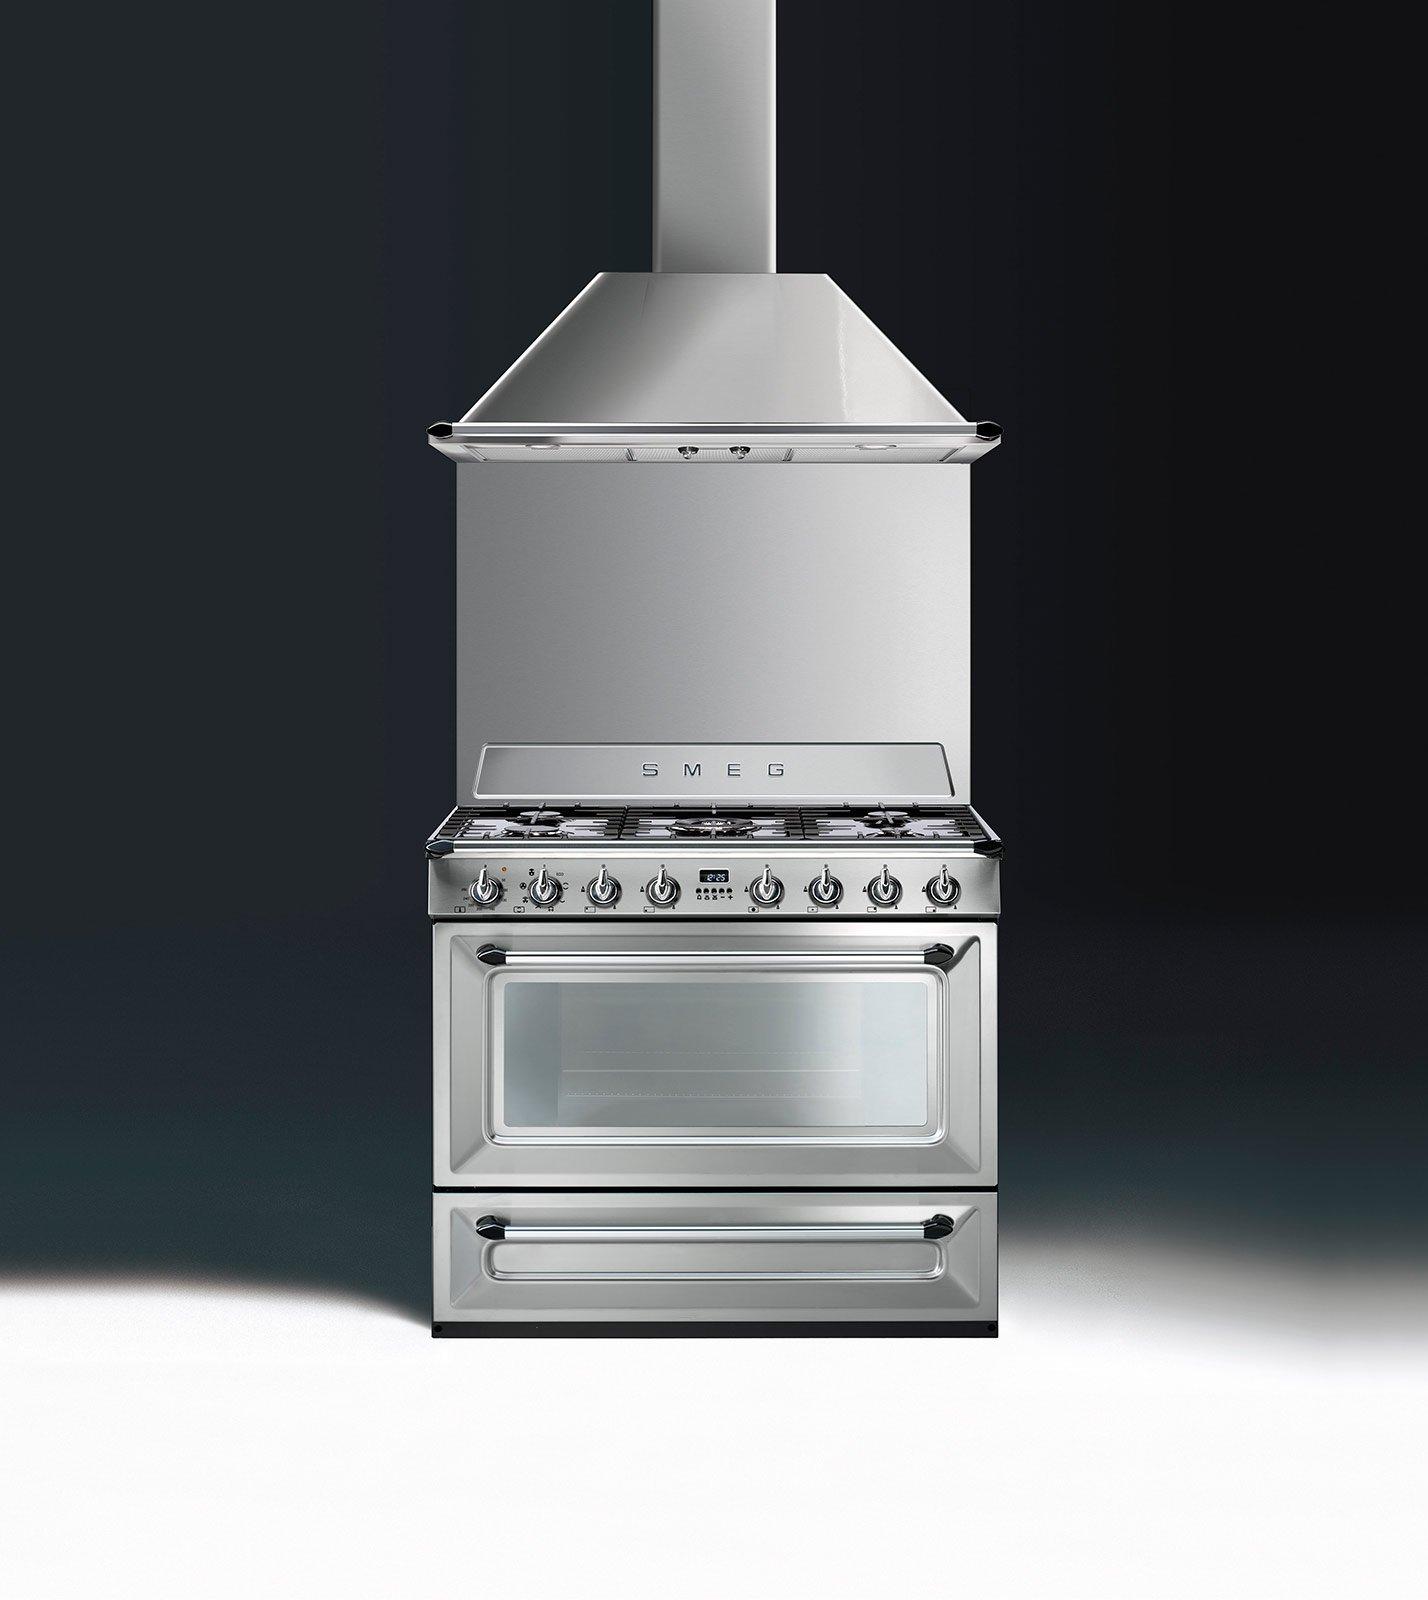 Mobili lavelli monoblocco forno piano cottura for Mobili cucine a gas